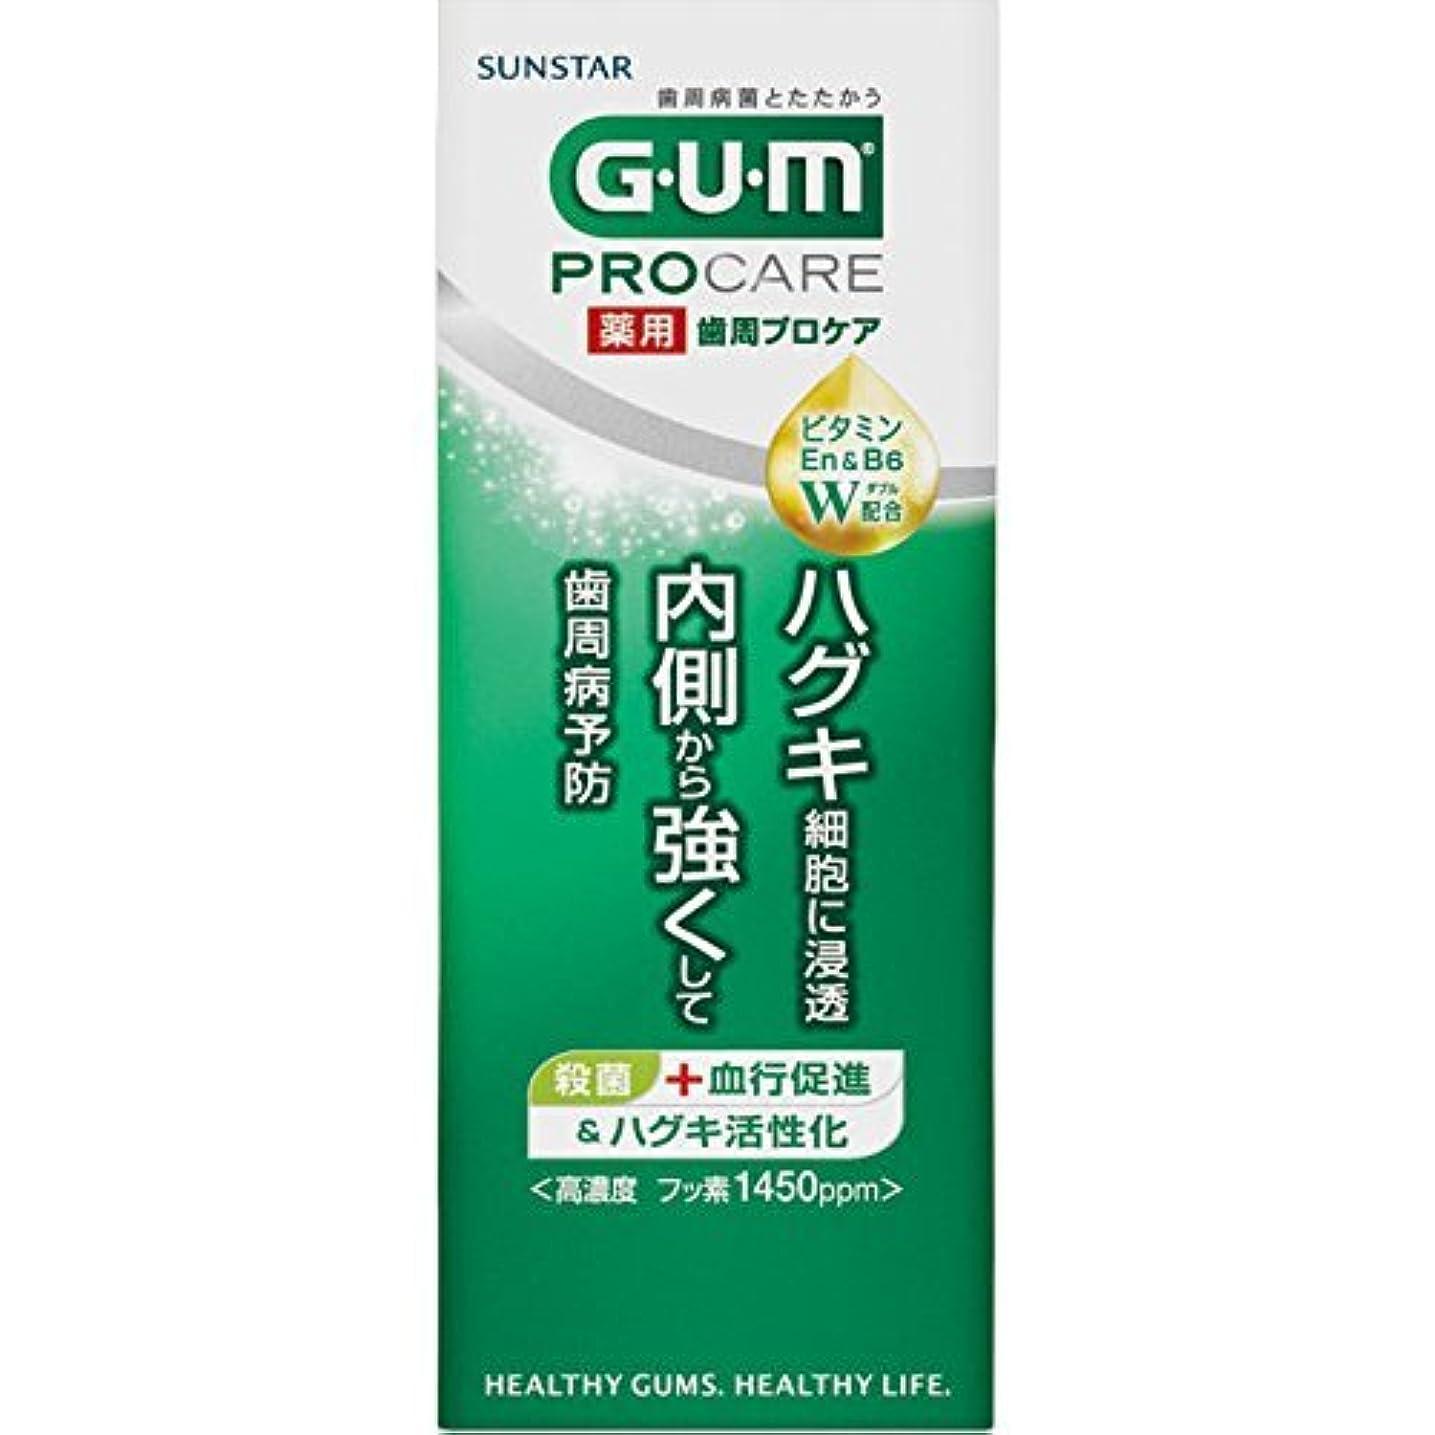 人事改修する学ぶ[医薬部外品] GUM(ガム) 歯周プロケア 歯みがき 50g <歯周病予防 ハグキケア 高濃度フッ素配合1,450ppm>